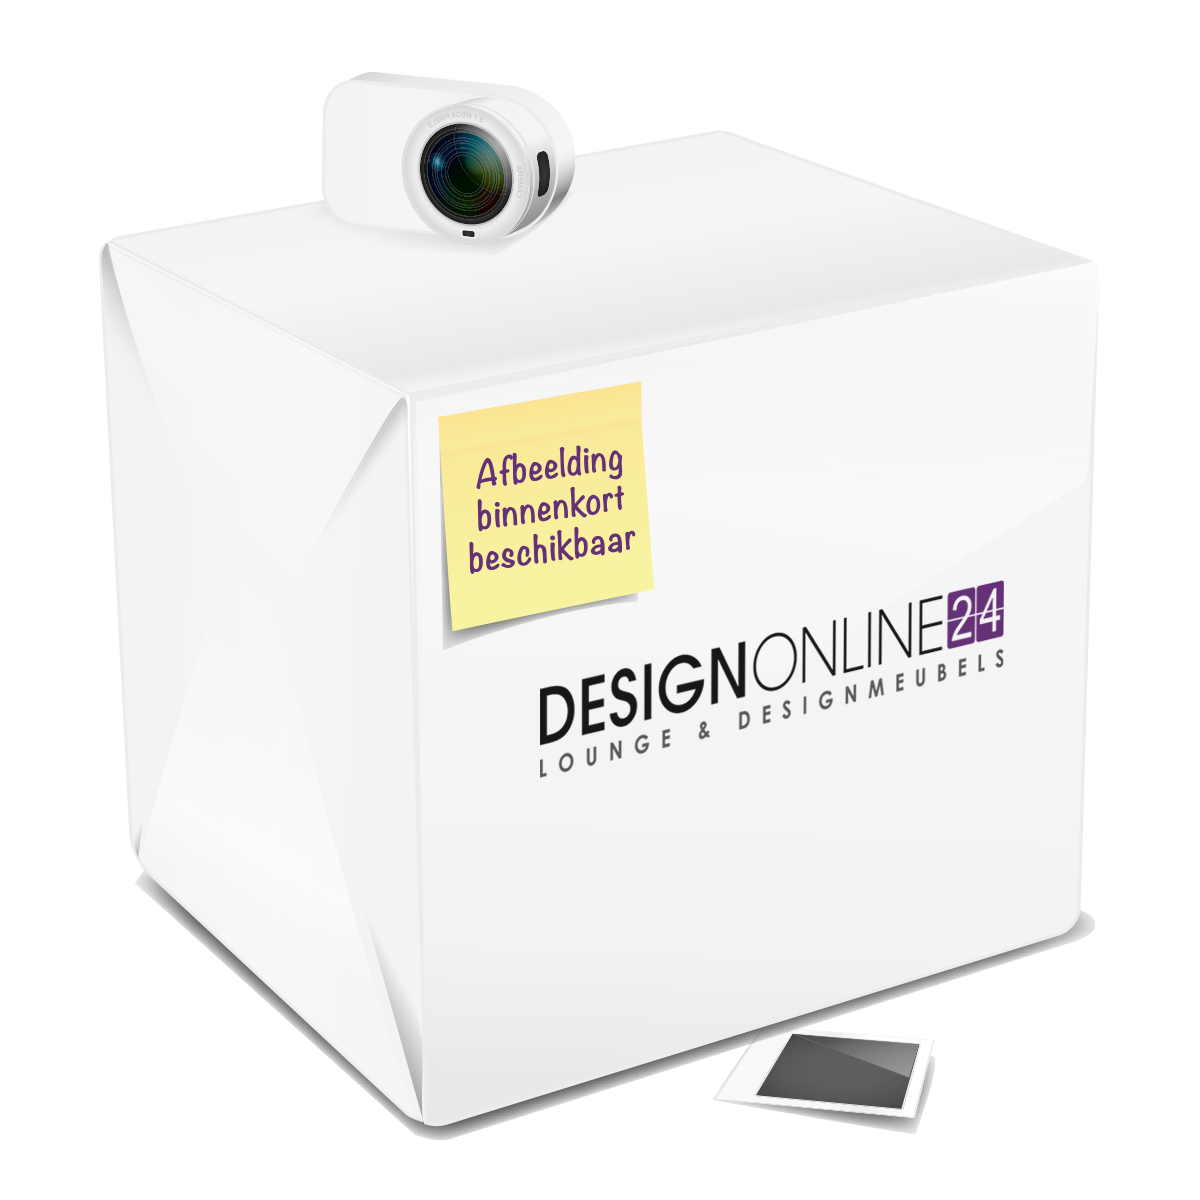 Kare Design Bijzettafel Authentico Cube Duo - L40 x B30 x H40 cm - Sheesham Hout